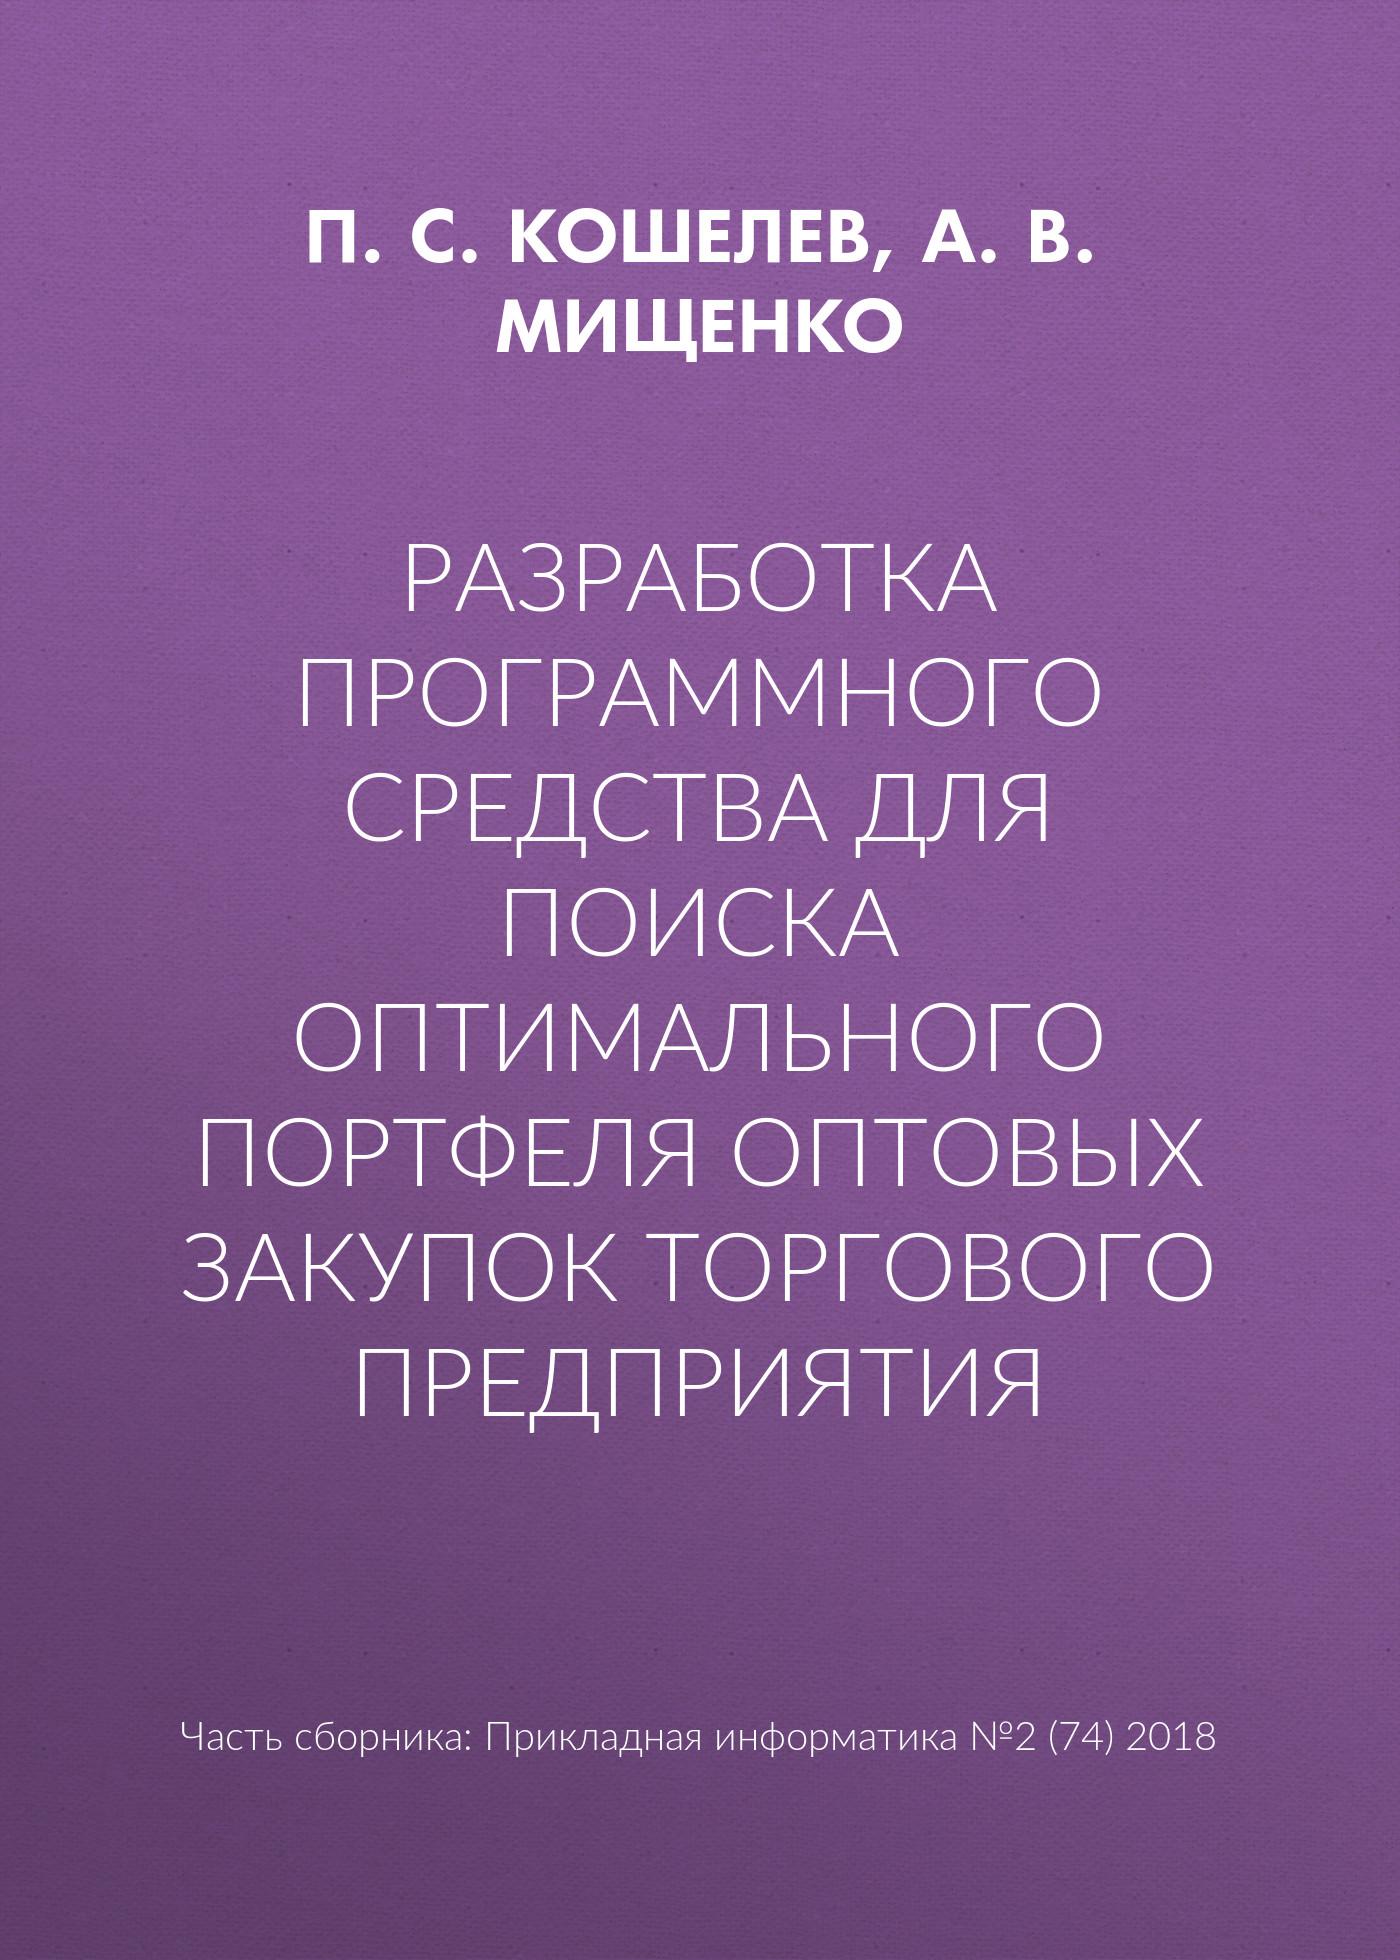 А. В. Мищенко Разработка программного средства для поиска оптимального портфеля оптовых закупок торгового предприятия